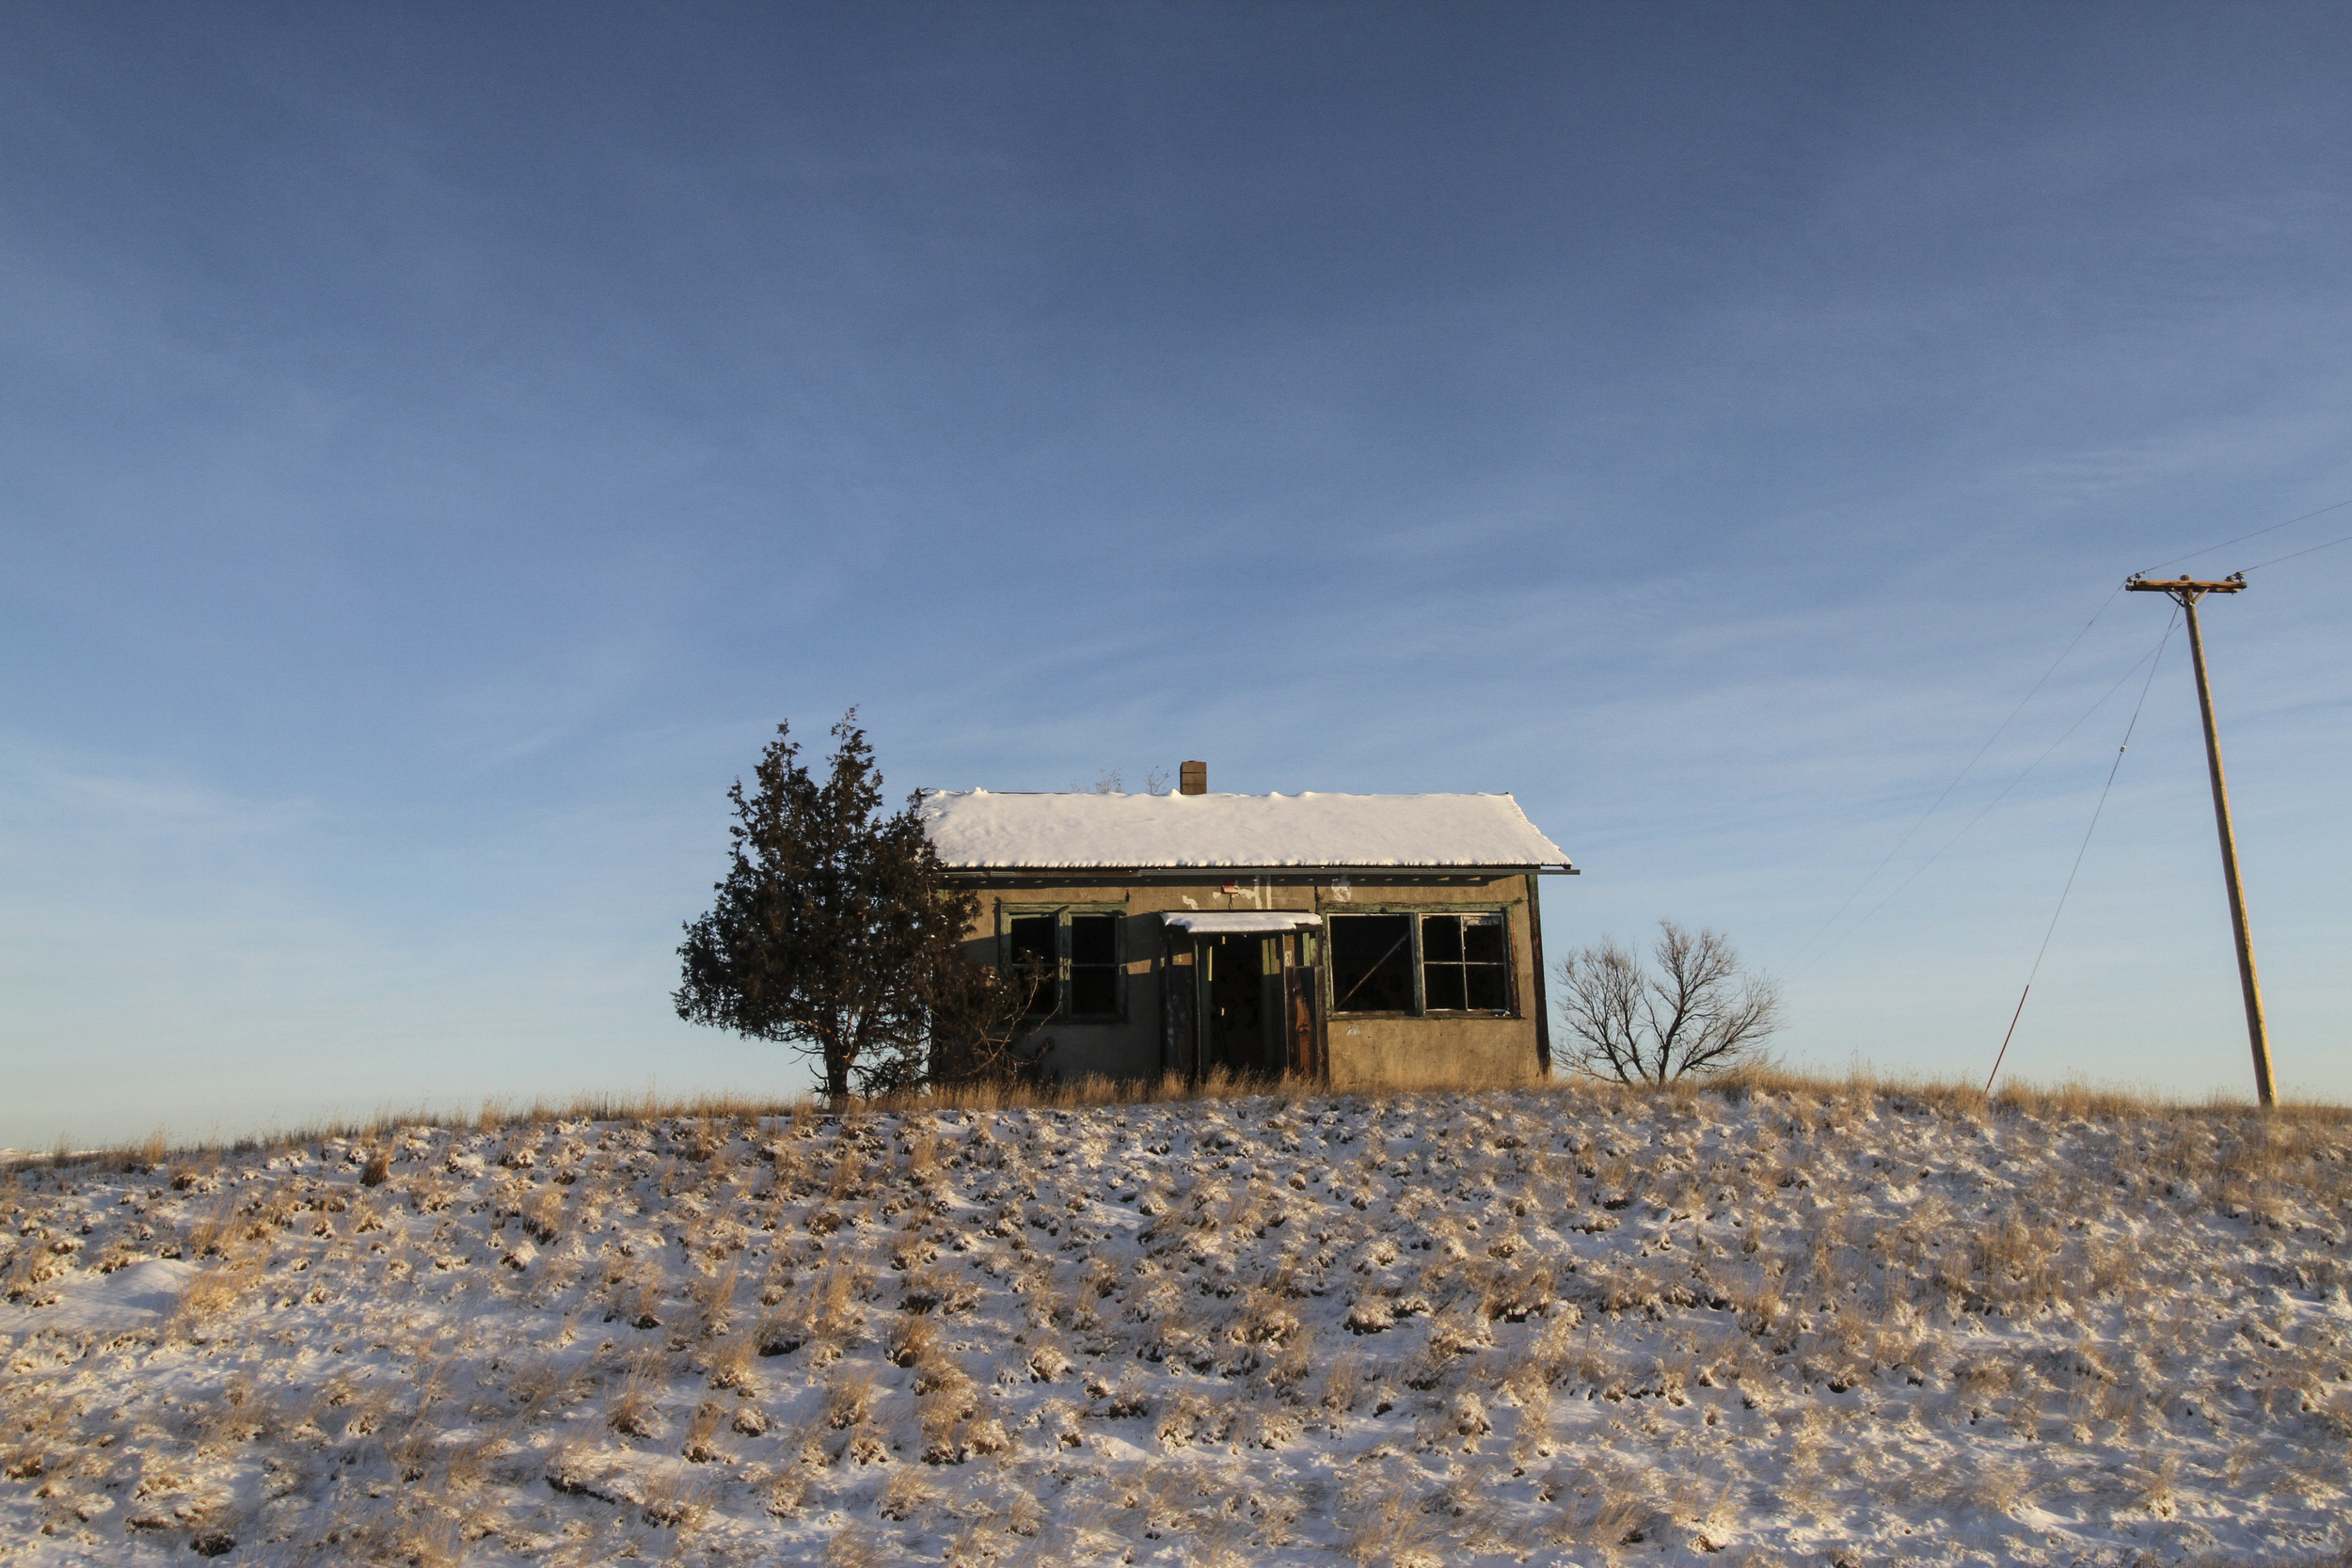 North Dakota, 2014